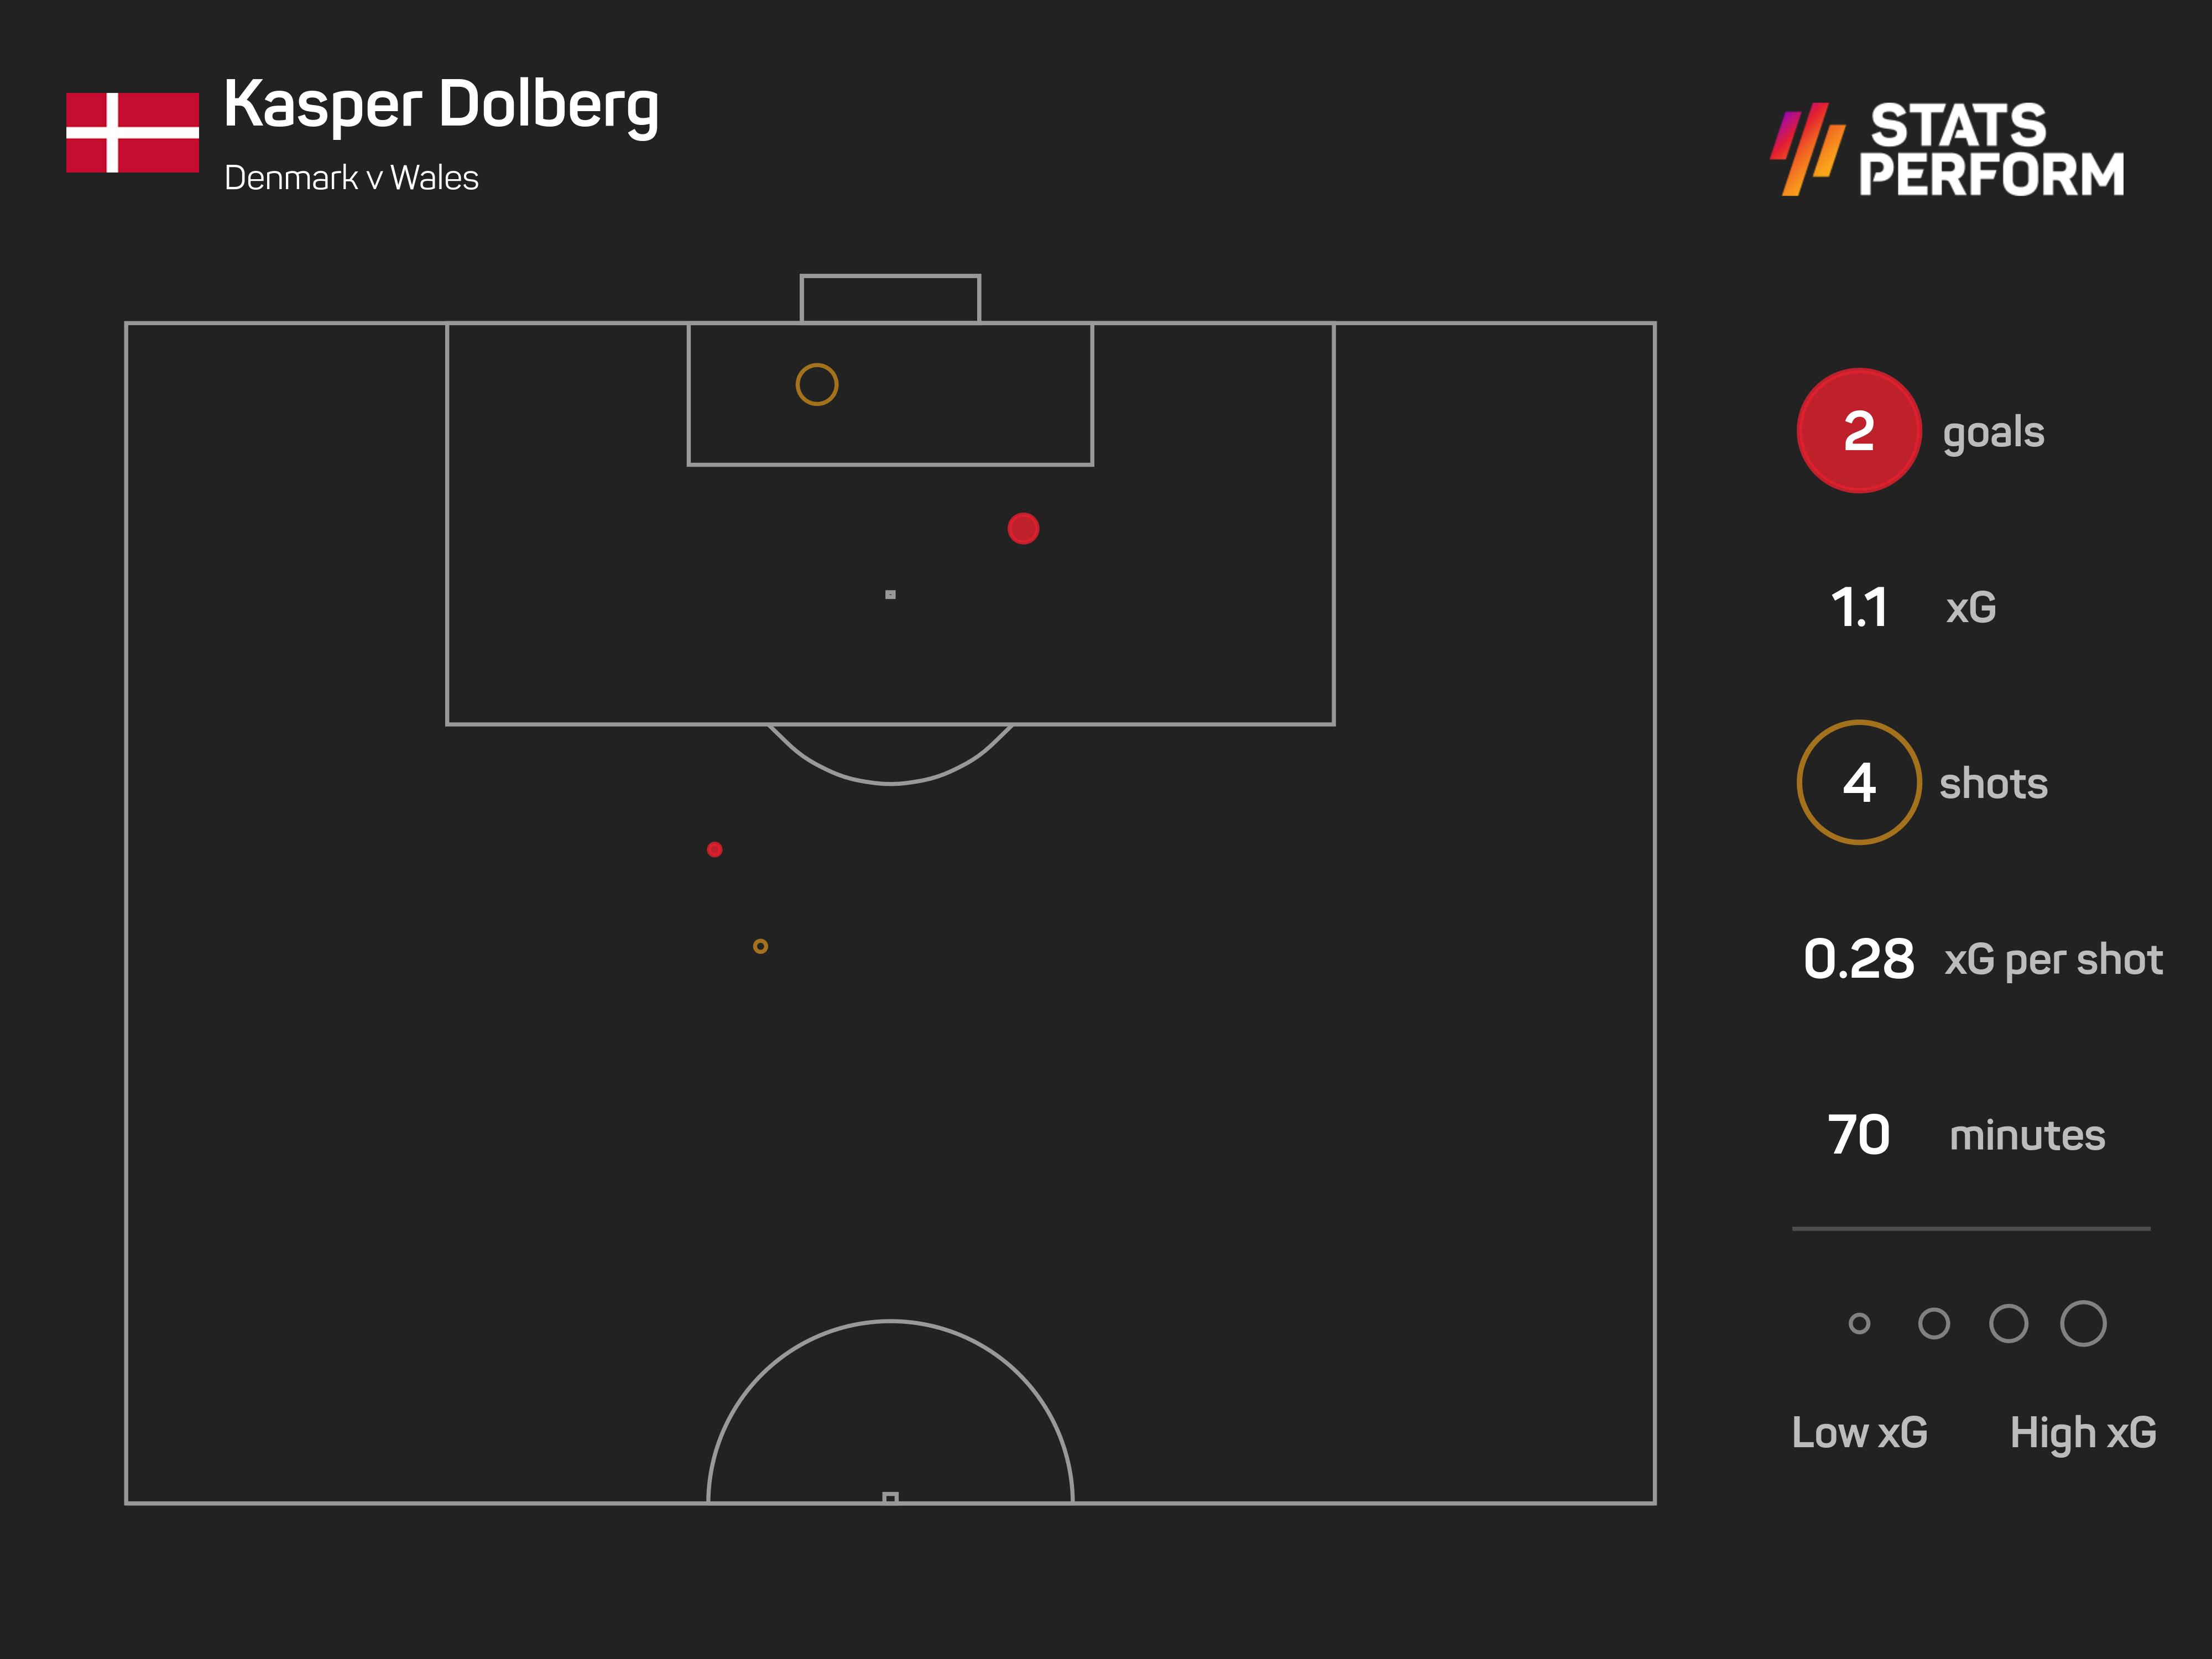 Kasper Dolberg scored twice from an xG of 1.1 v Wales